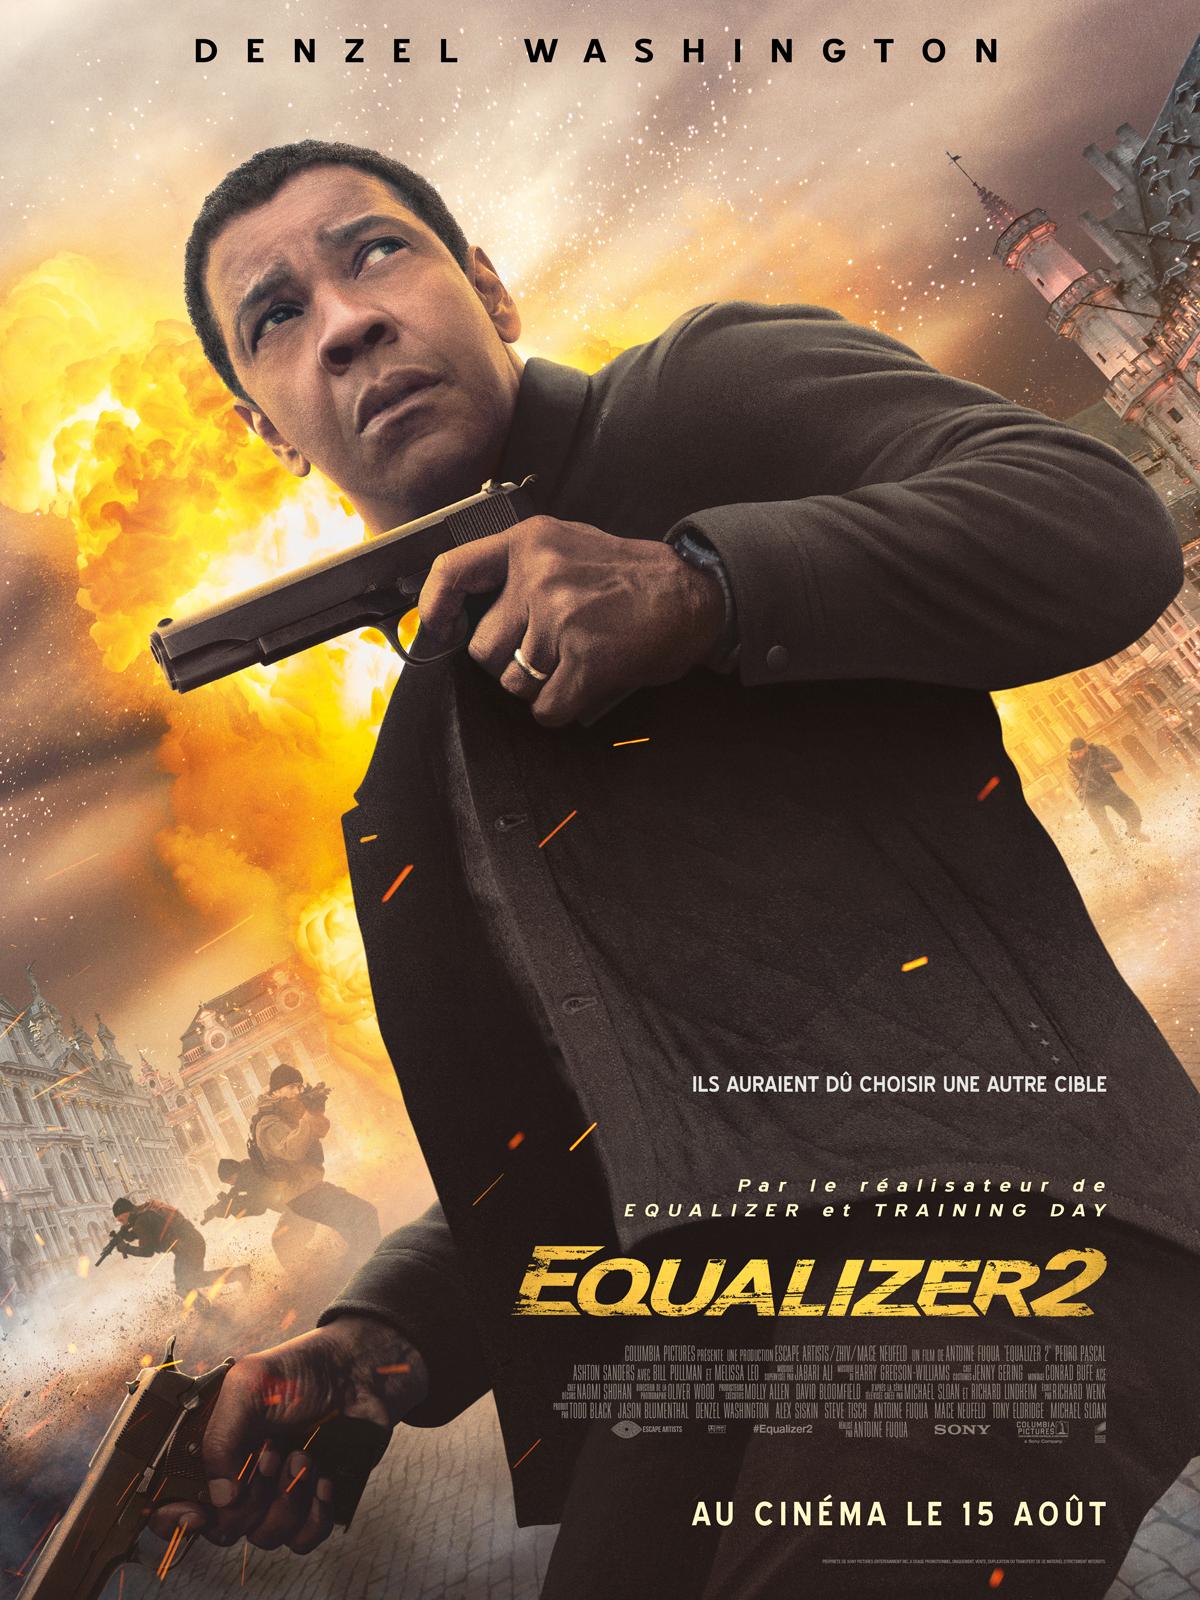 Hasil gambar untuk THE EQUALIZER 2 poster